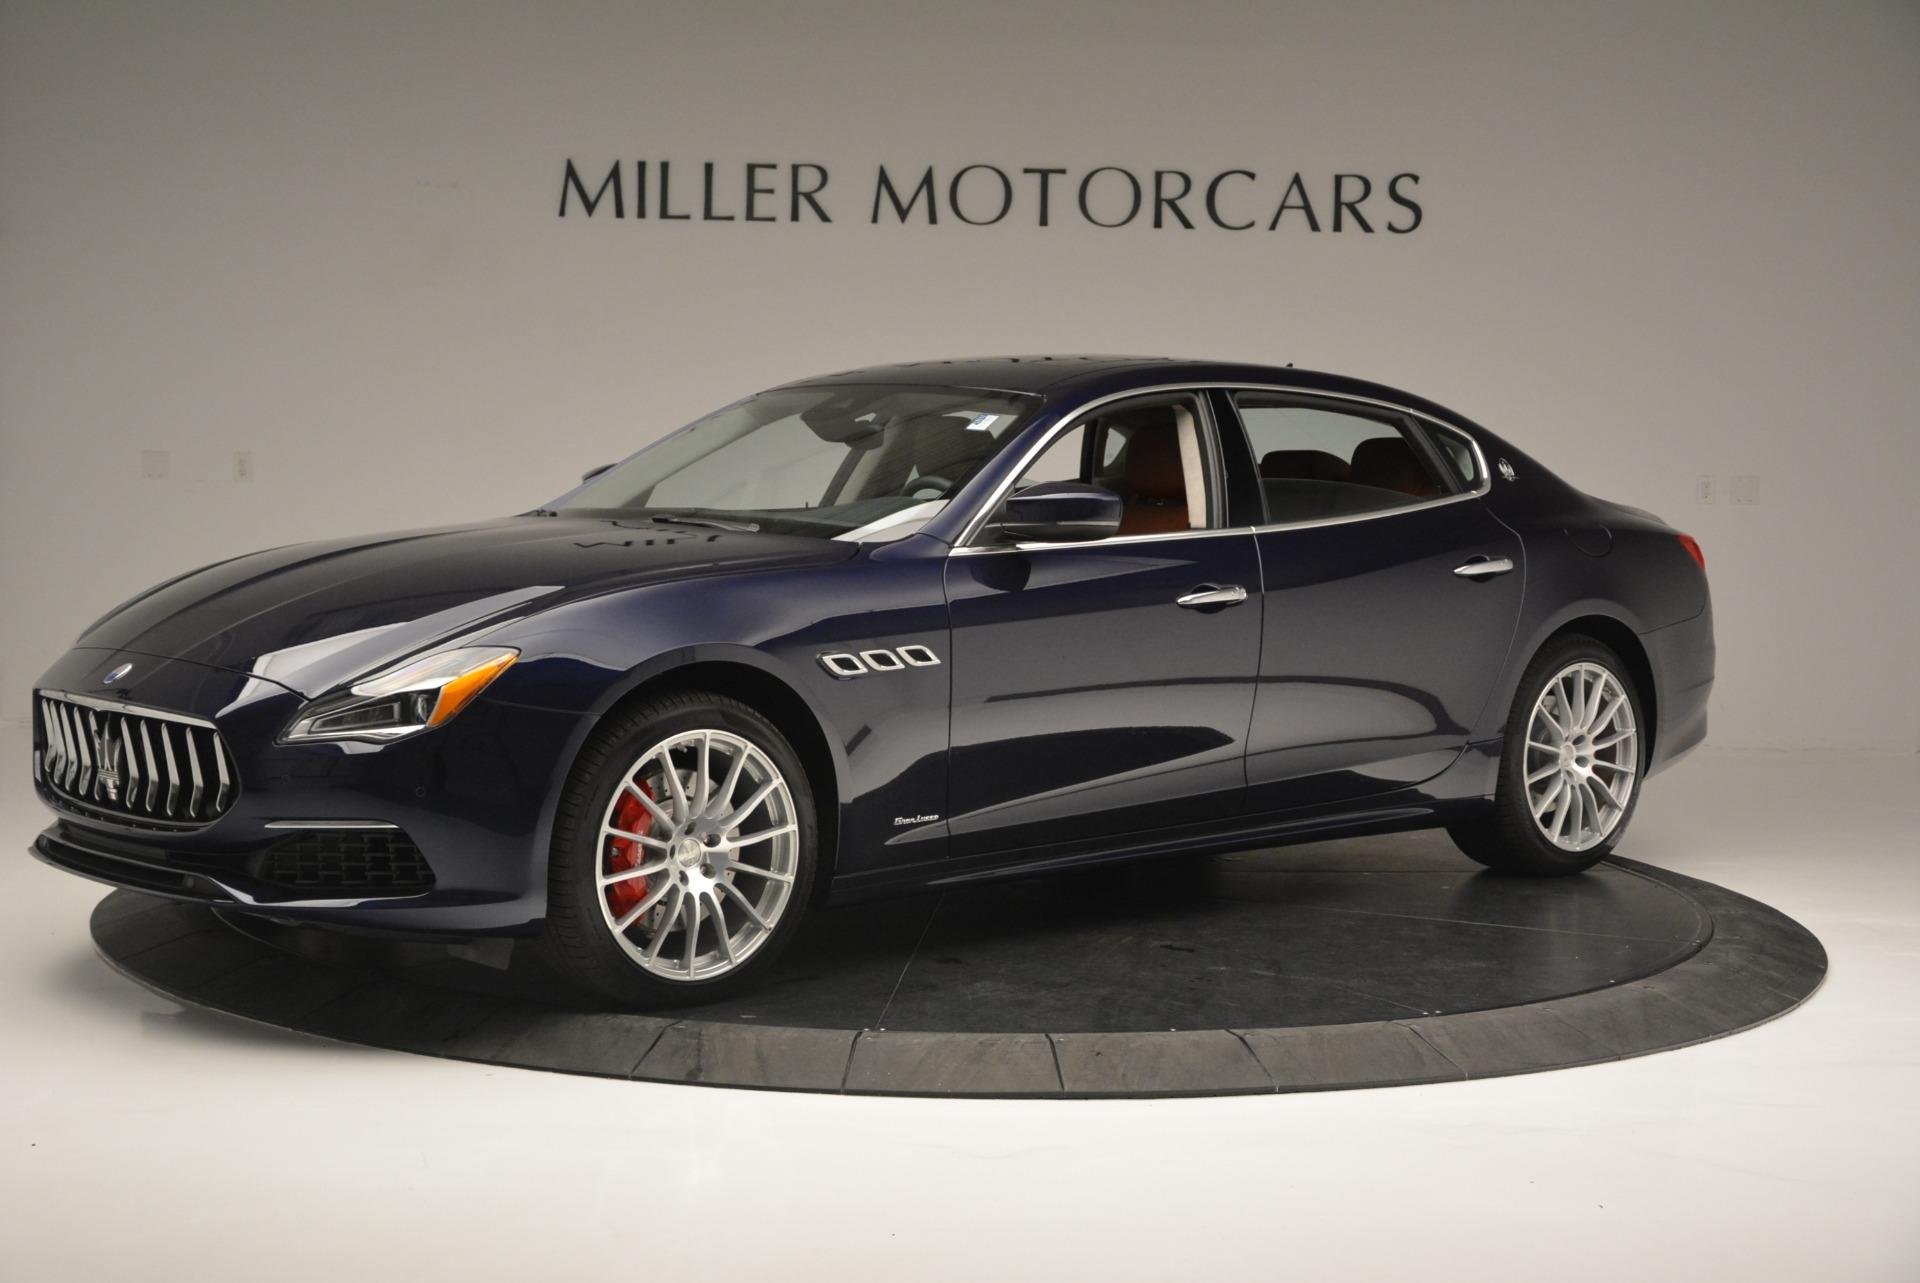 New 2018 Maserati Quattroporte S Q4 GranLusso For Sale In Westport, CT 1859_p2